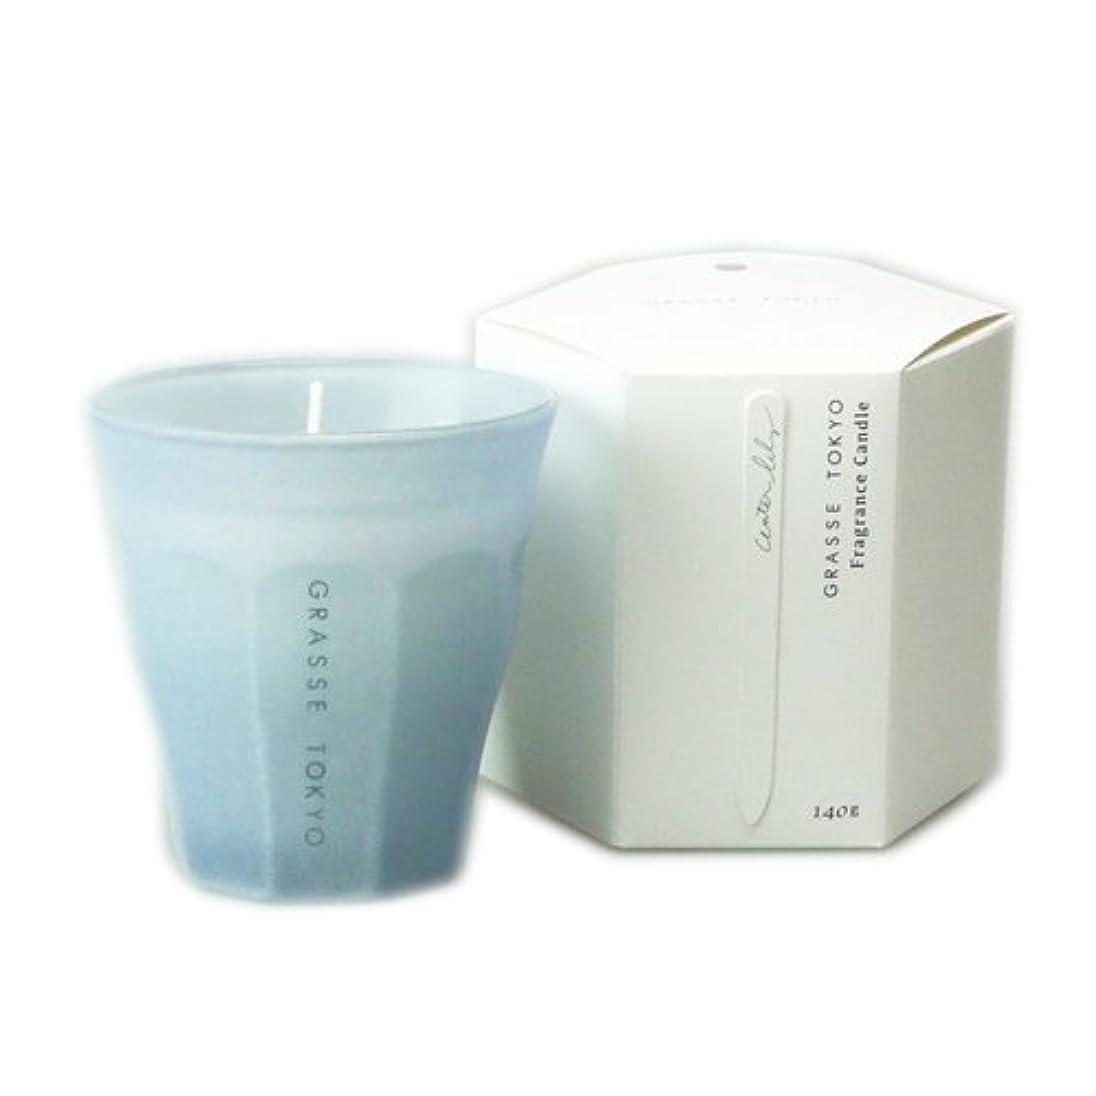 福祉カタログ添加剤グラーストウキョウ フレグランスキャンドル Water lily 140g